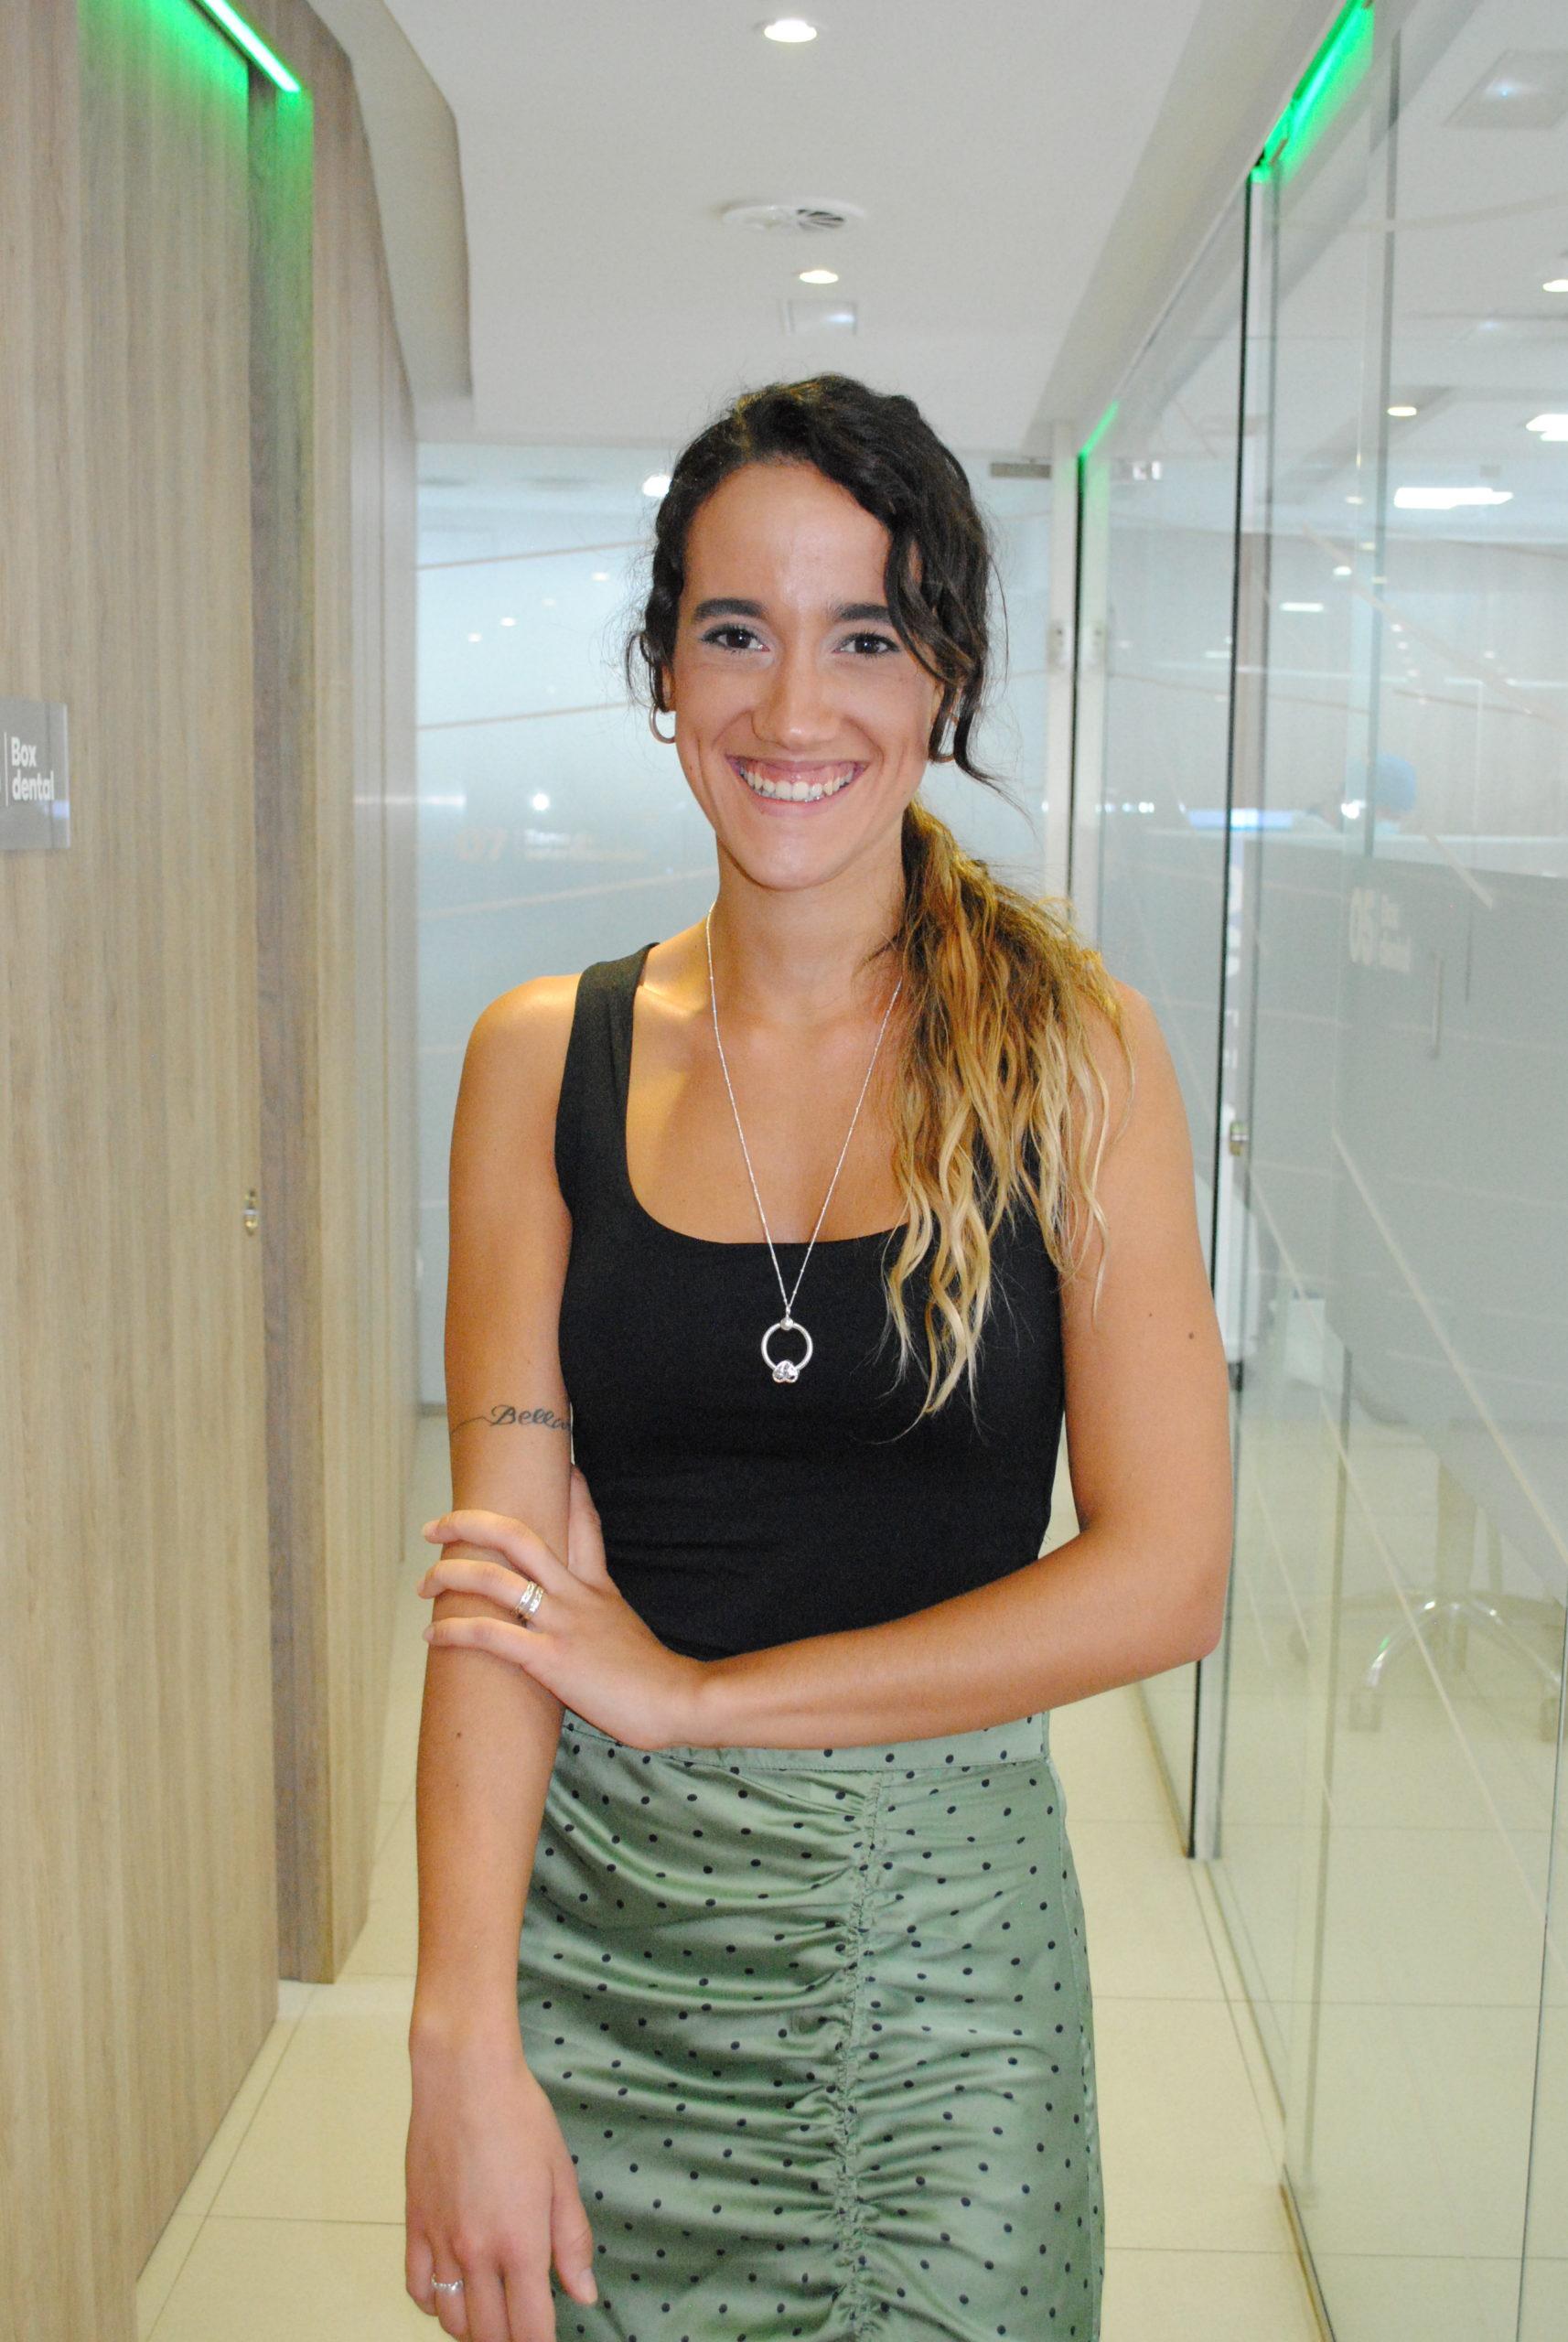 Cristina Valdivia